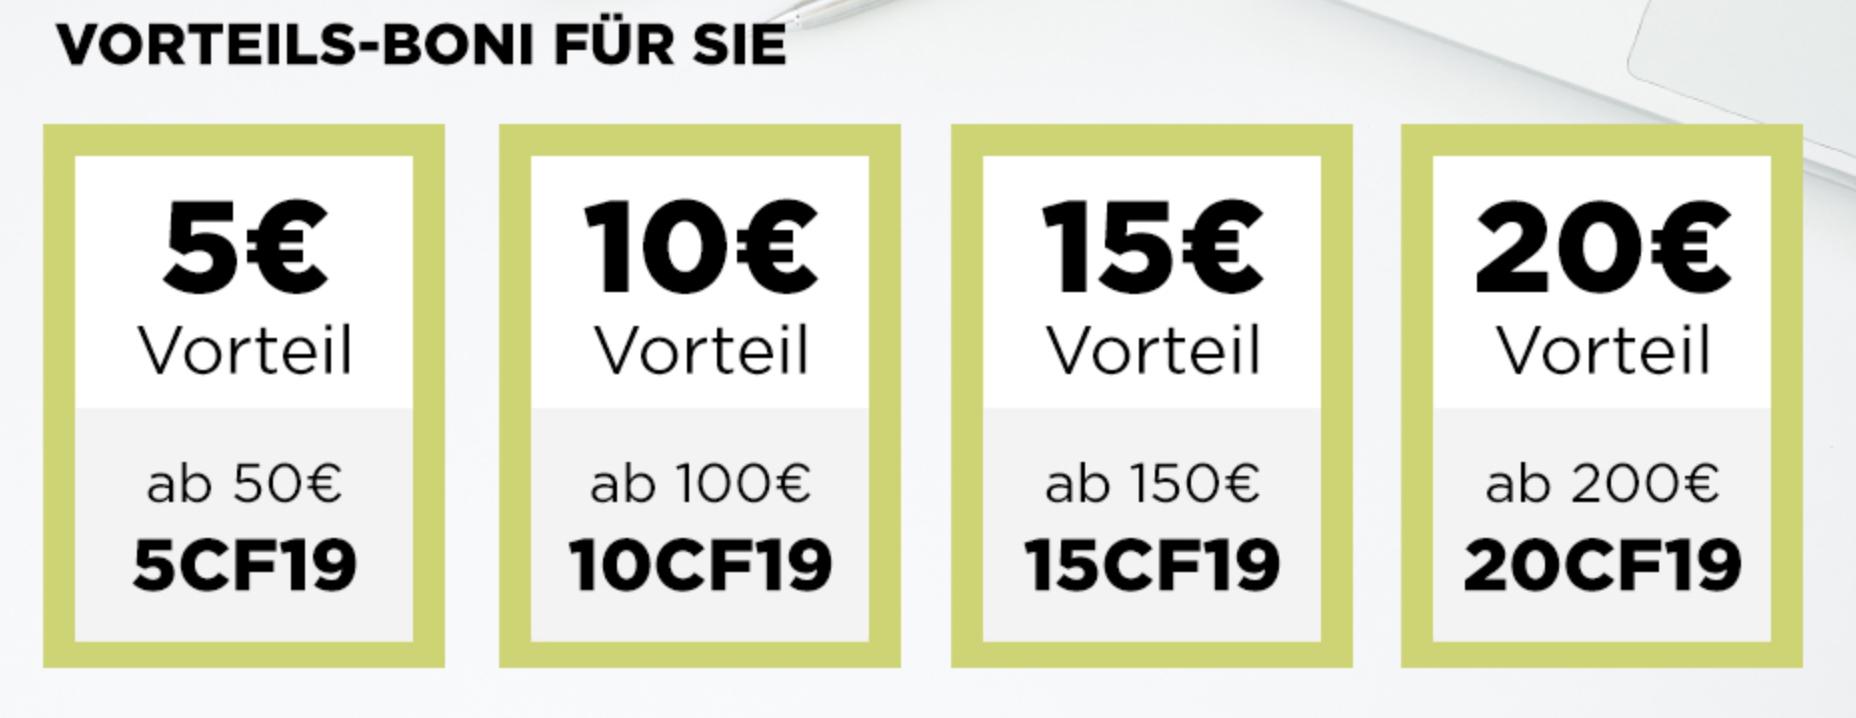 CEWE-Gutscheine für Fotoprodukte (5€, 10€, 15€, 20€)